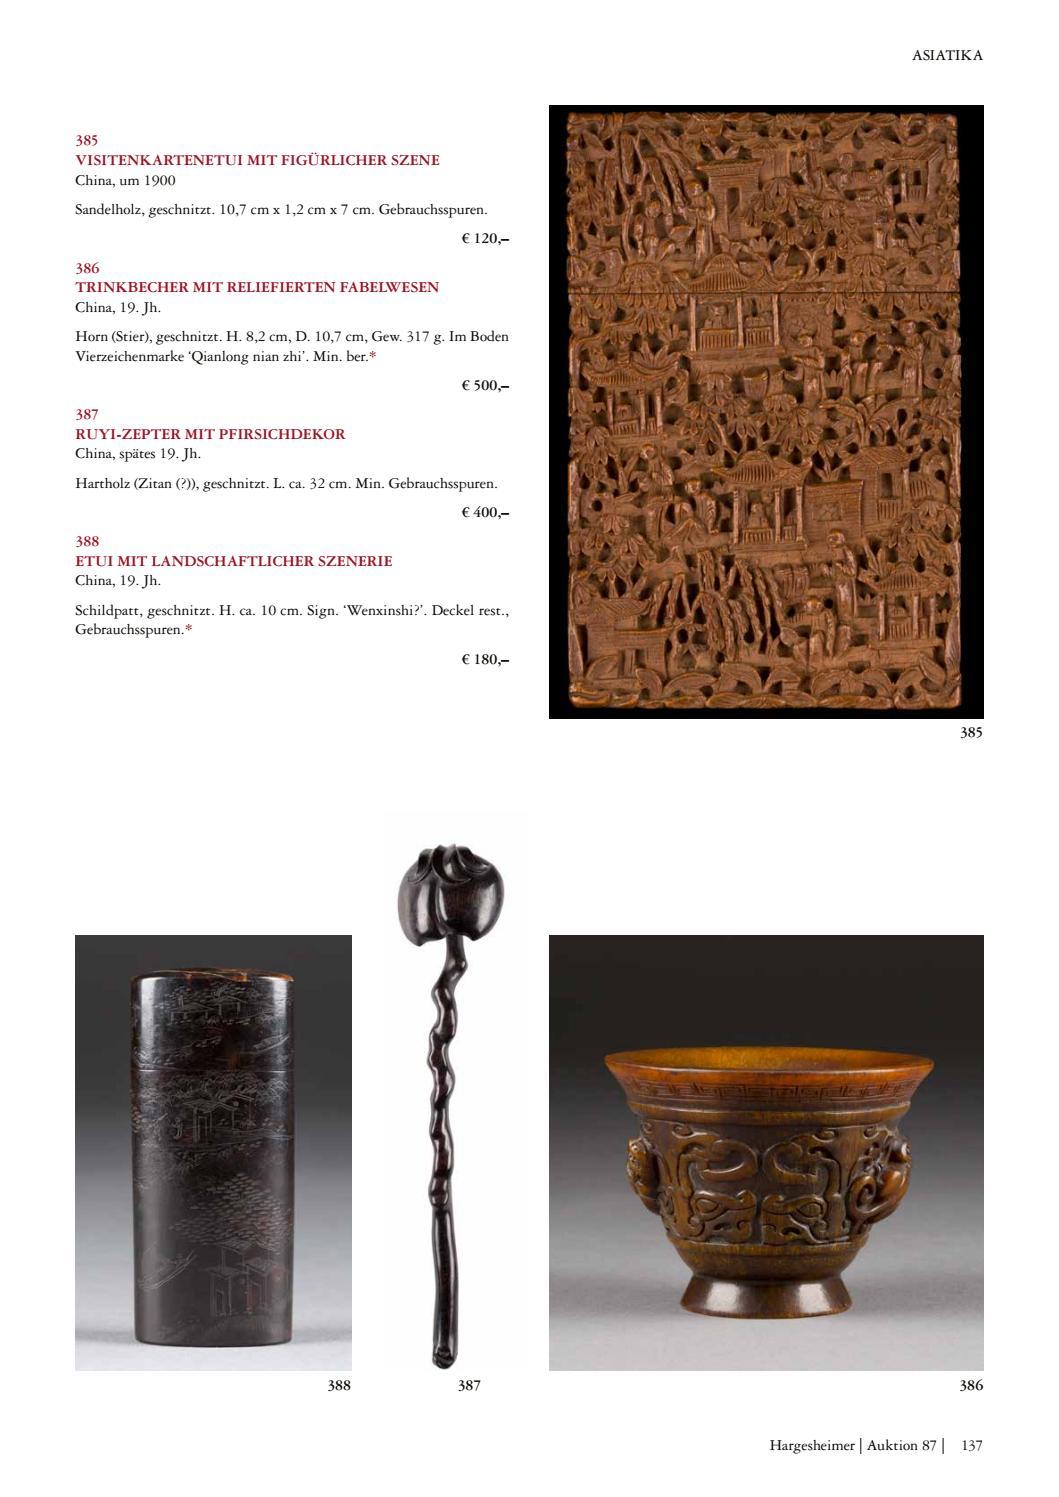 Hargesheimer Kunstauktionen Düsseldorf Sale 87 Asian Art 20